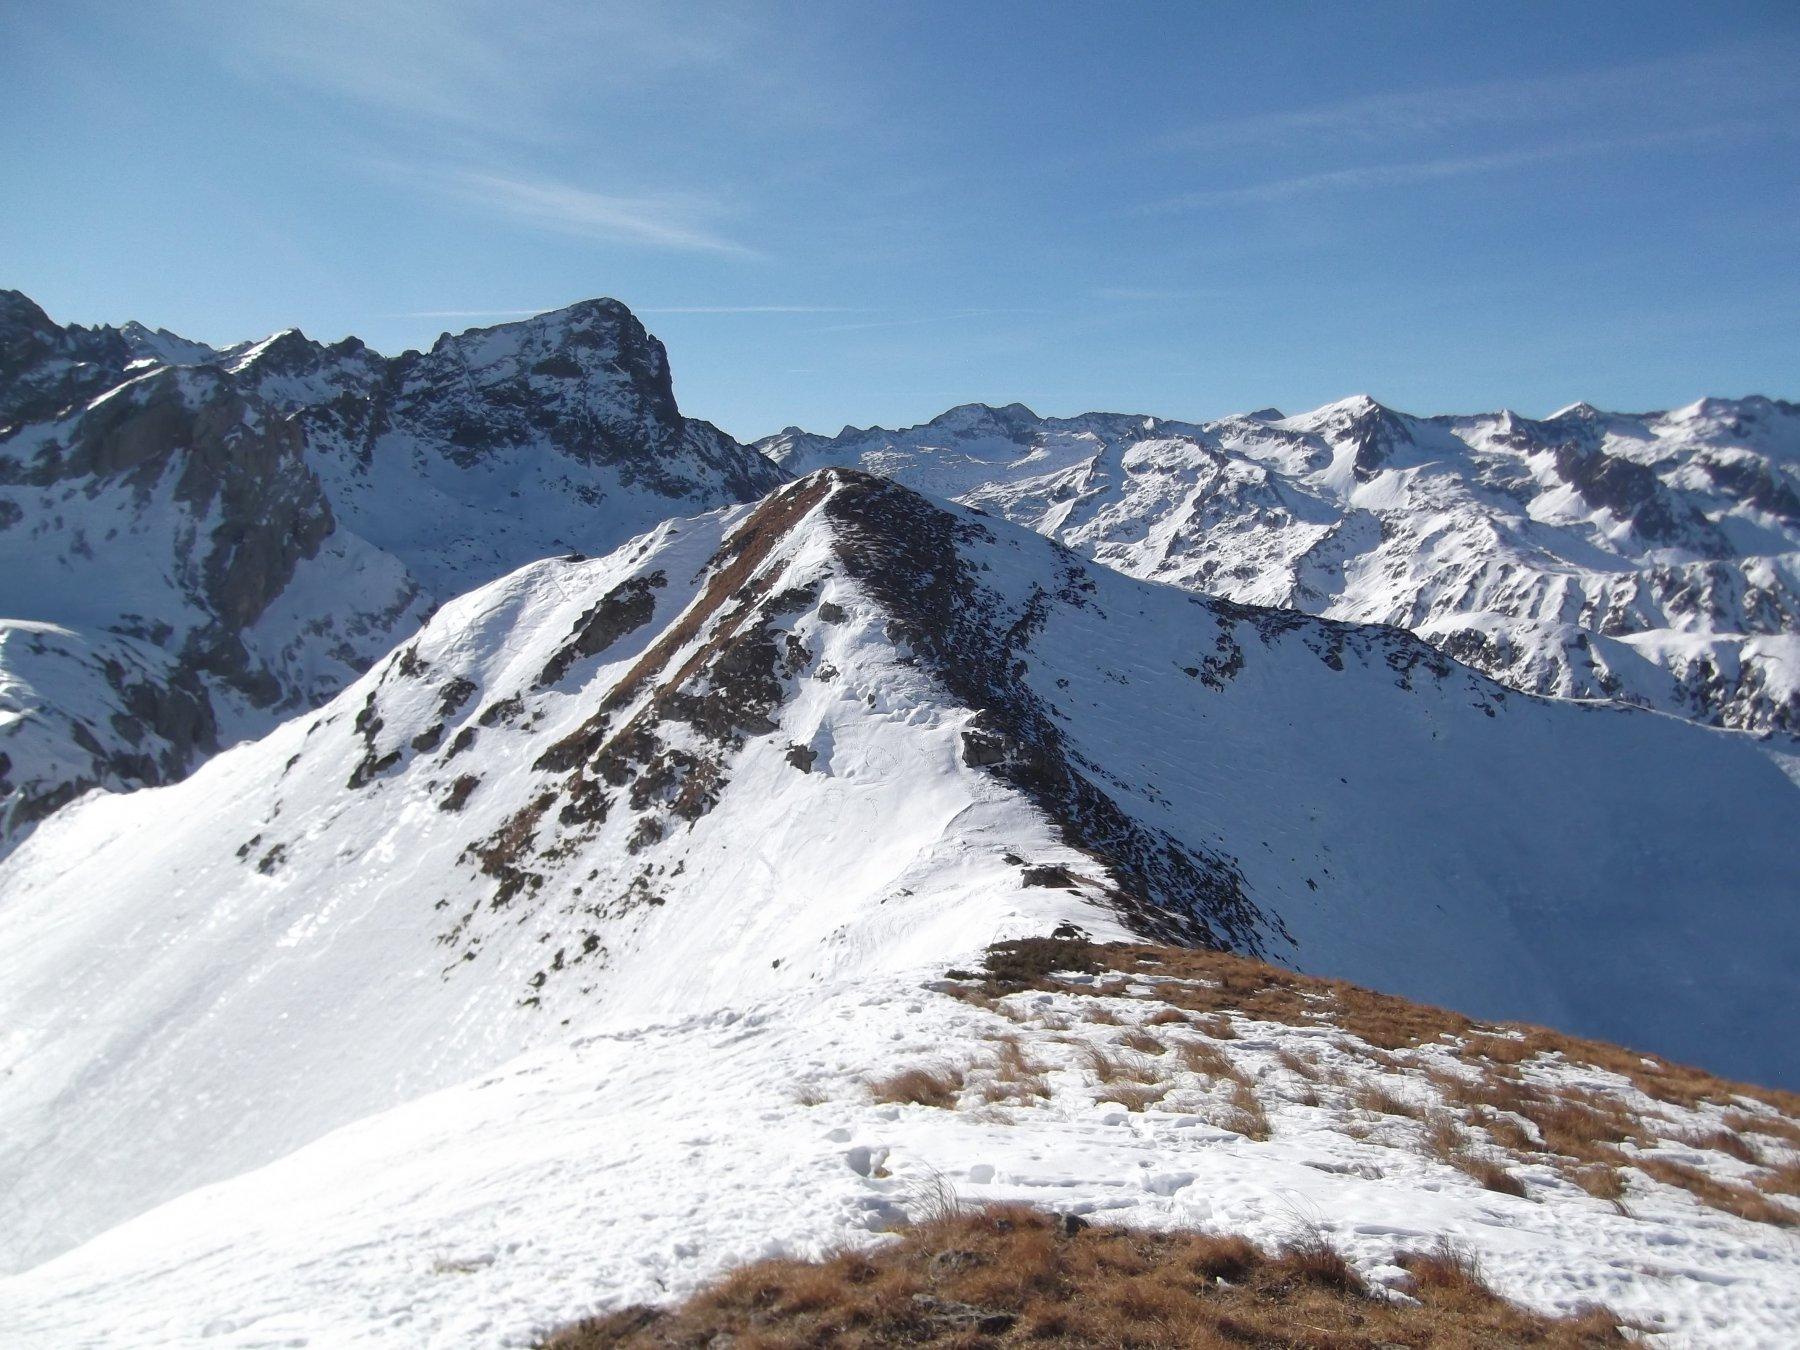 Monte Ciotto Mien dal Creusa occidentale.